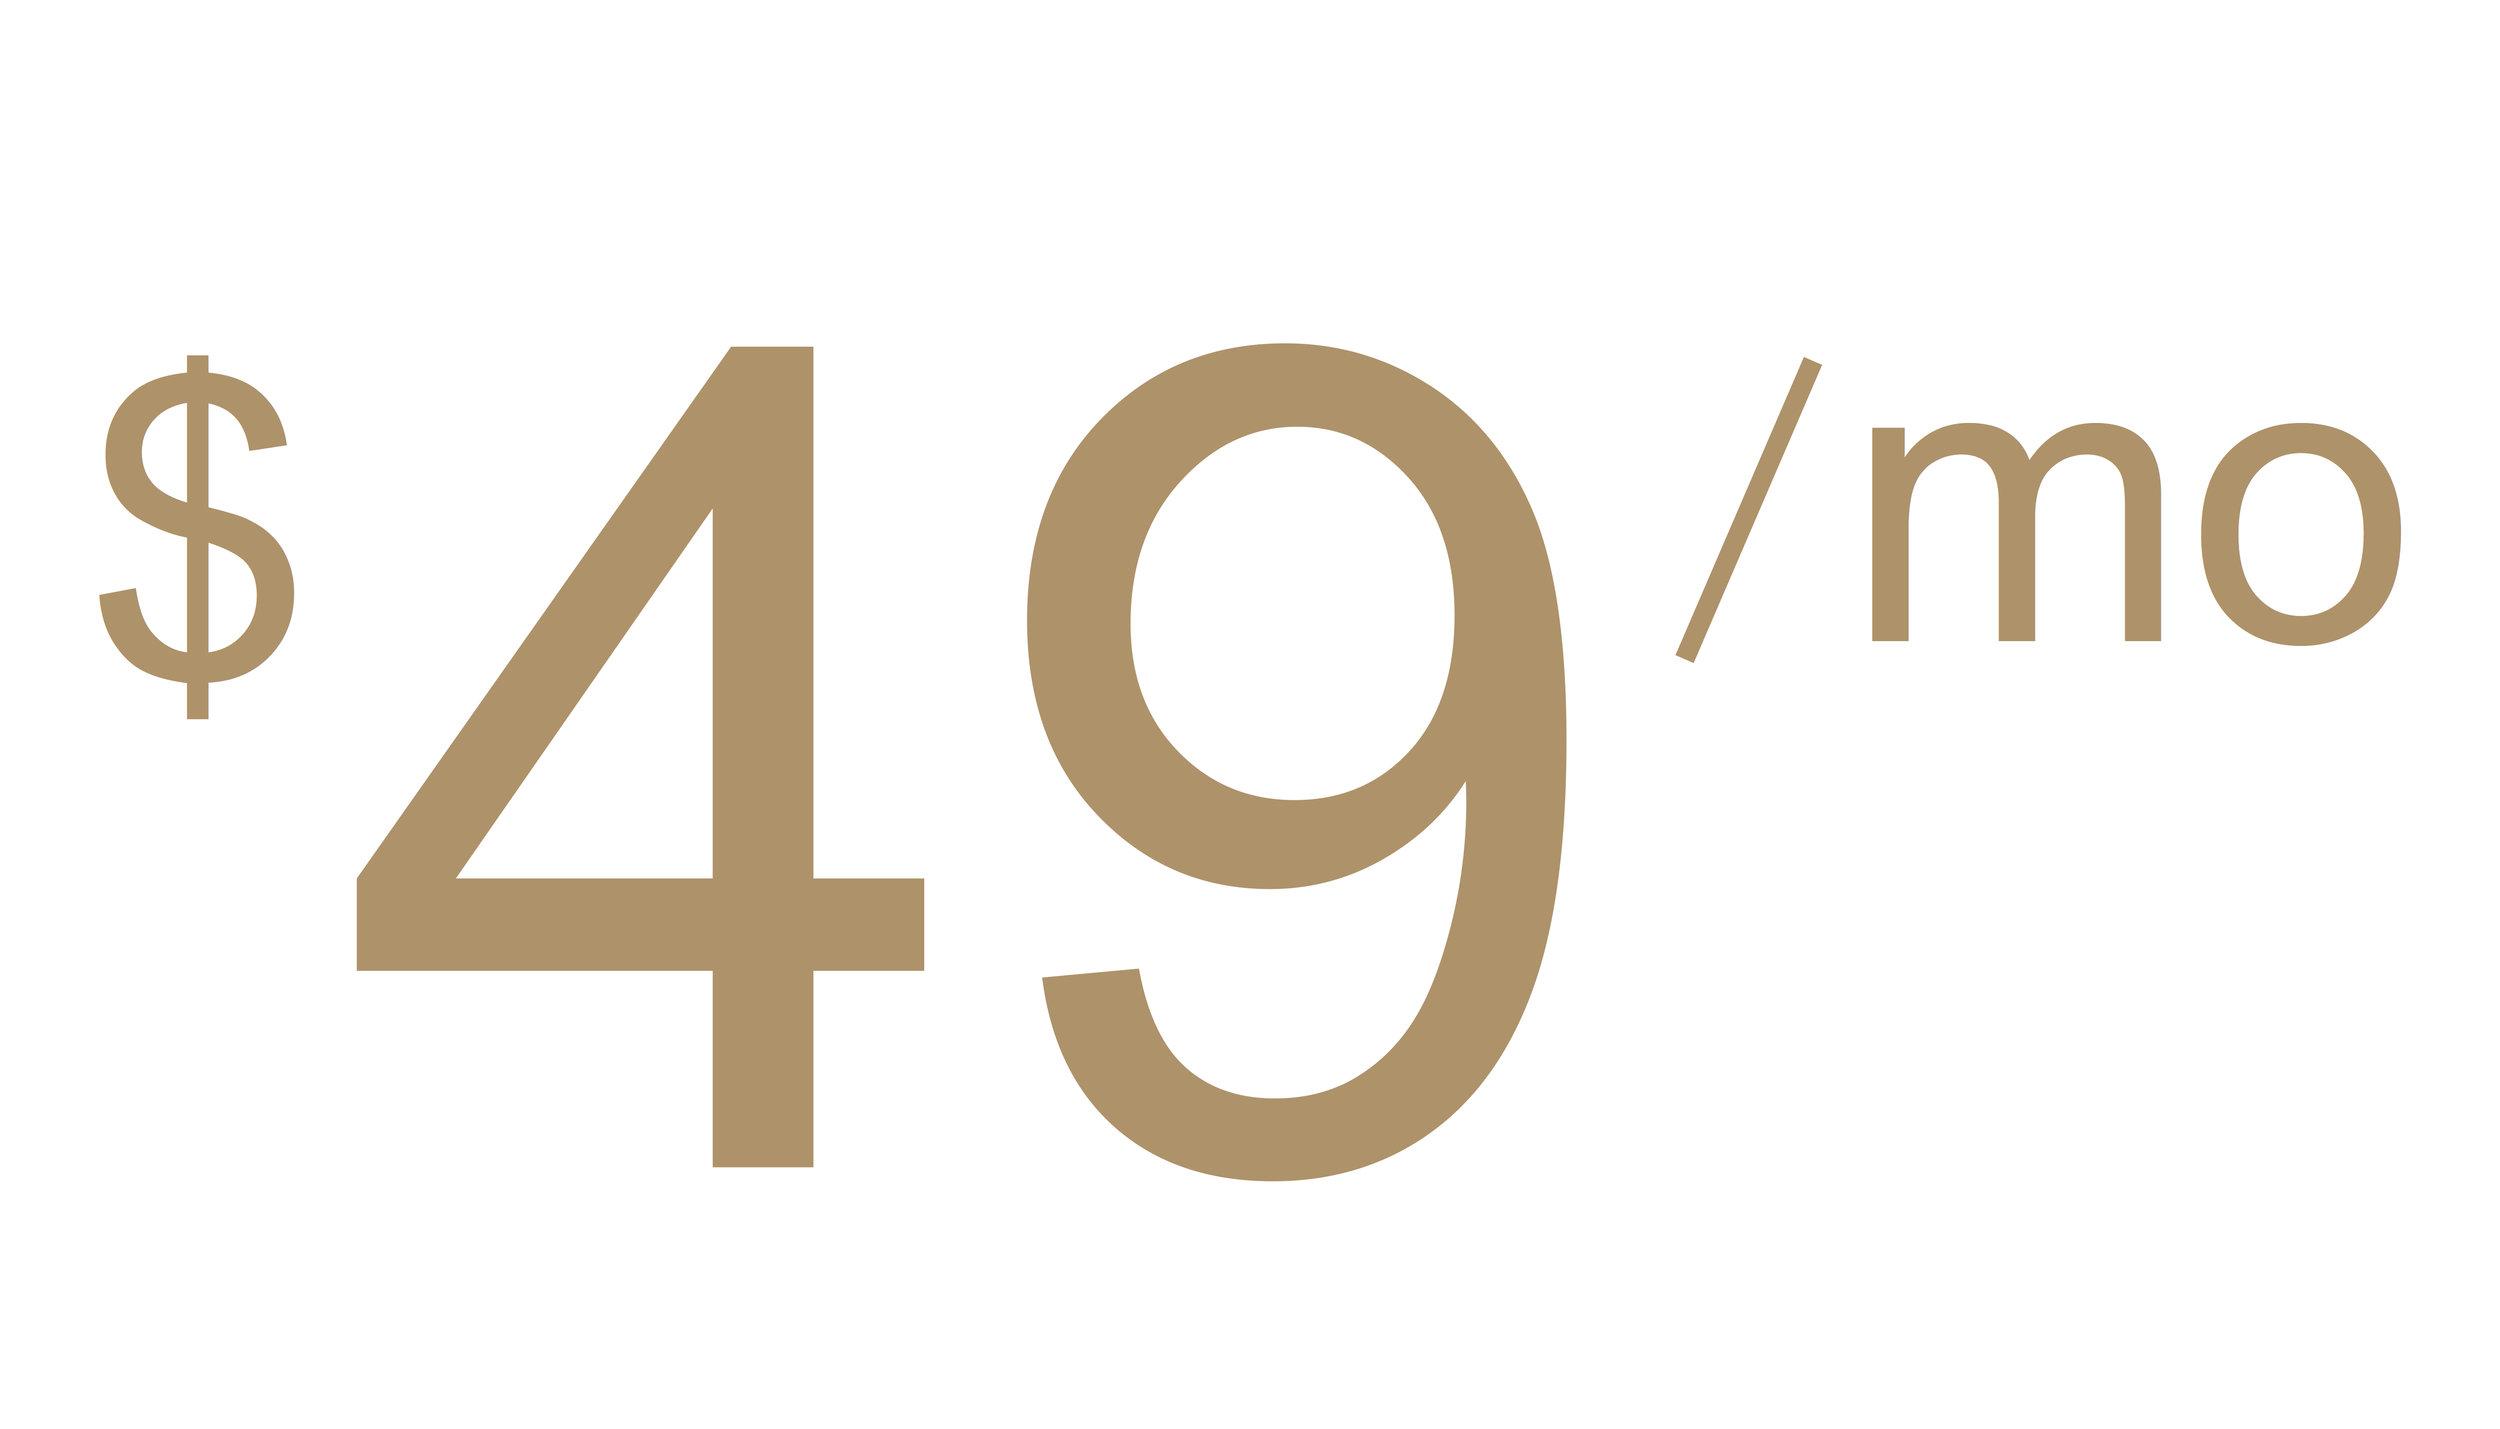 49.99.jpg